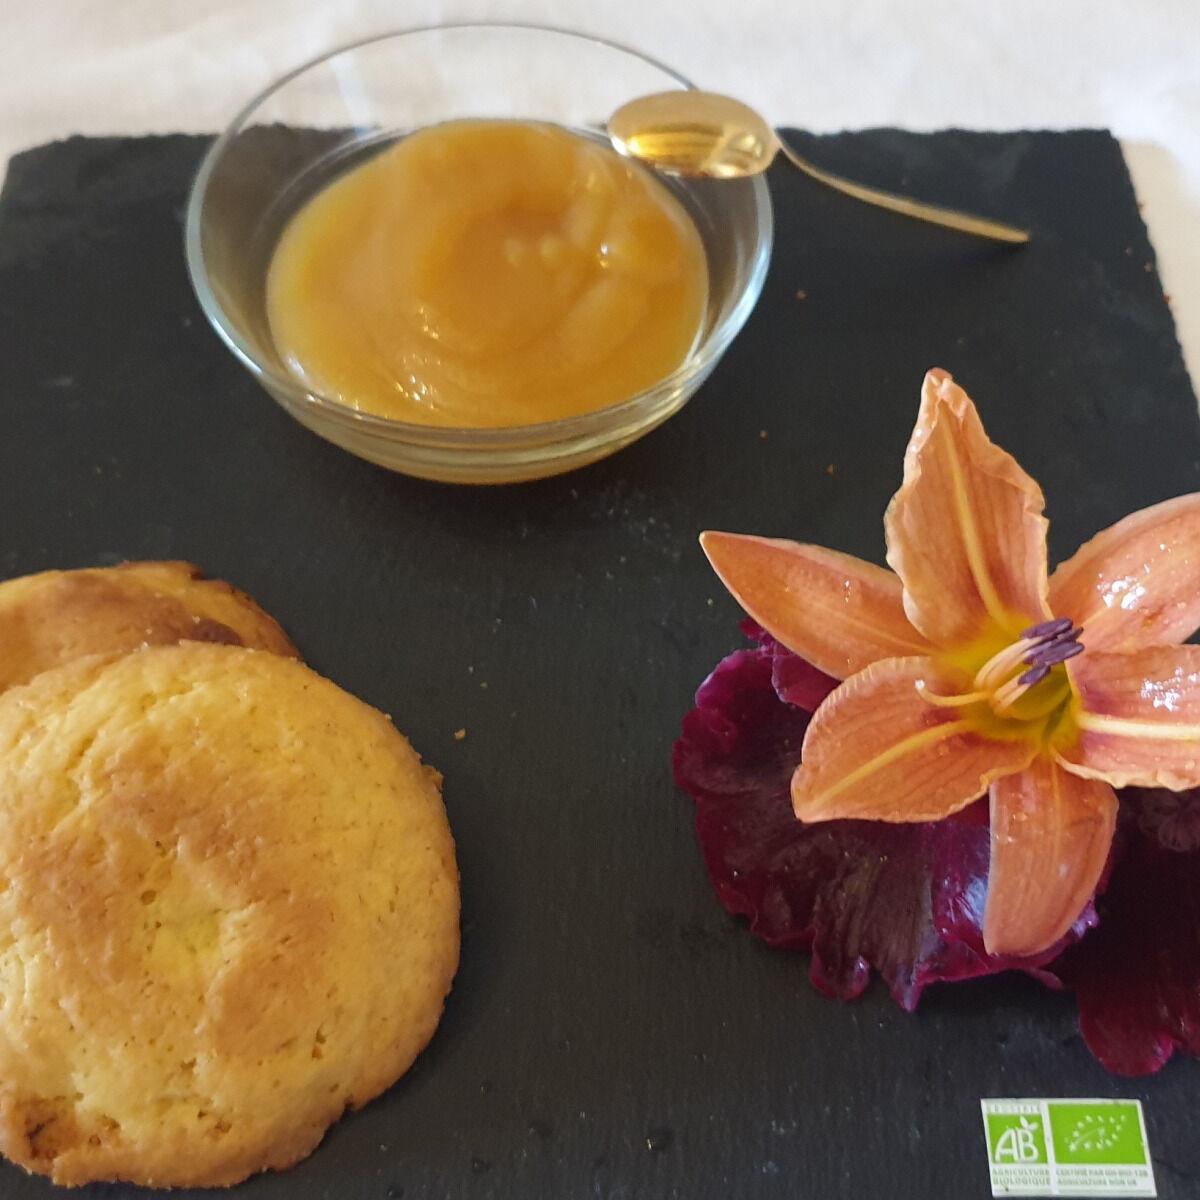 La Ferme du Montet Compote Pomme - peche - bio - sans sucre ajouté